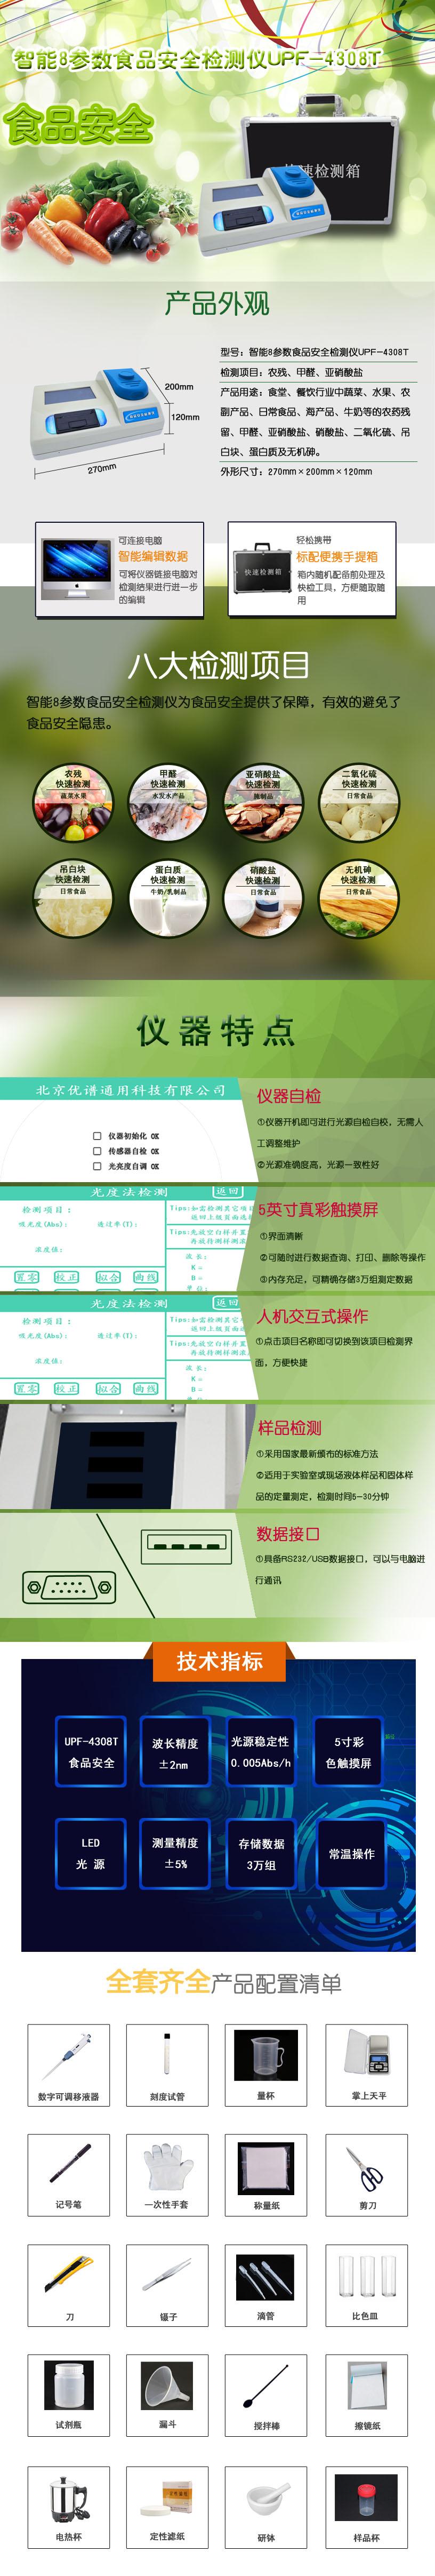 智能8参数食品安全检测仪UPF-4308T.jpg